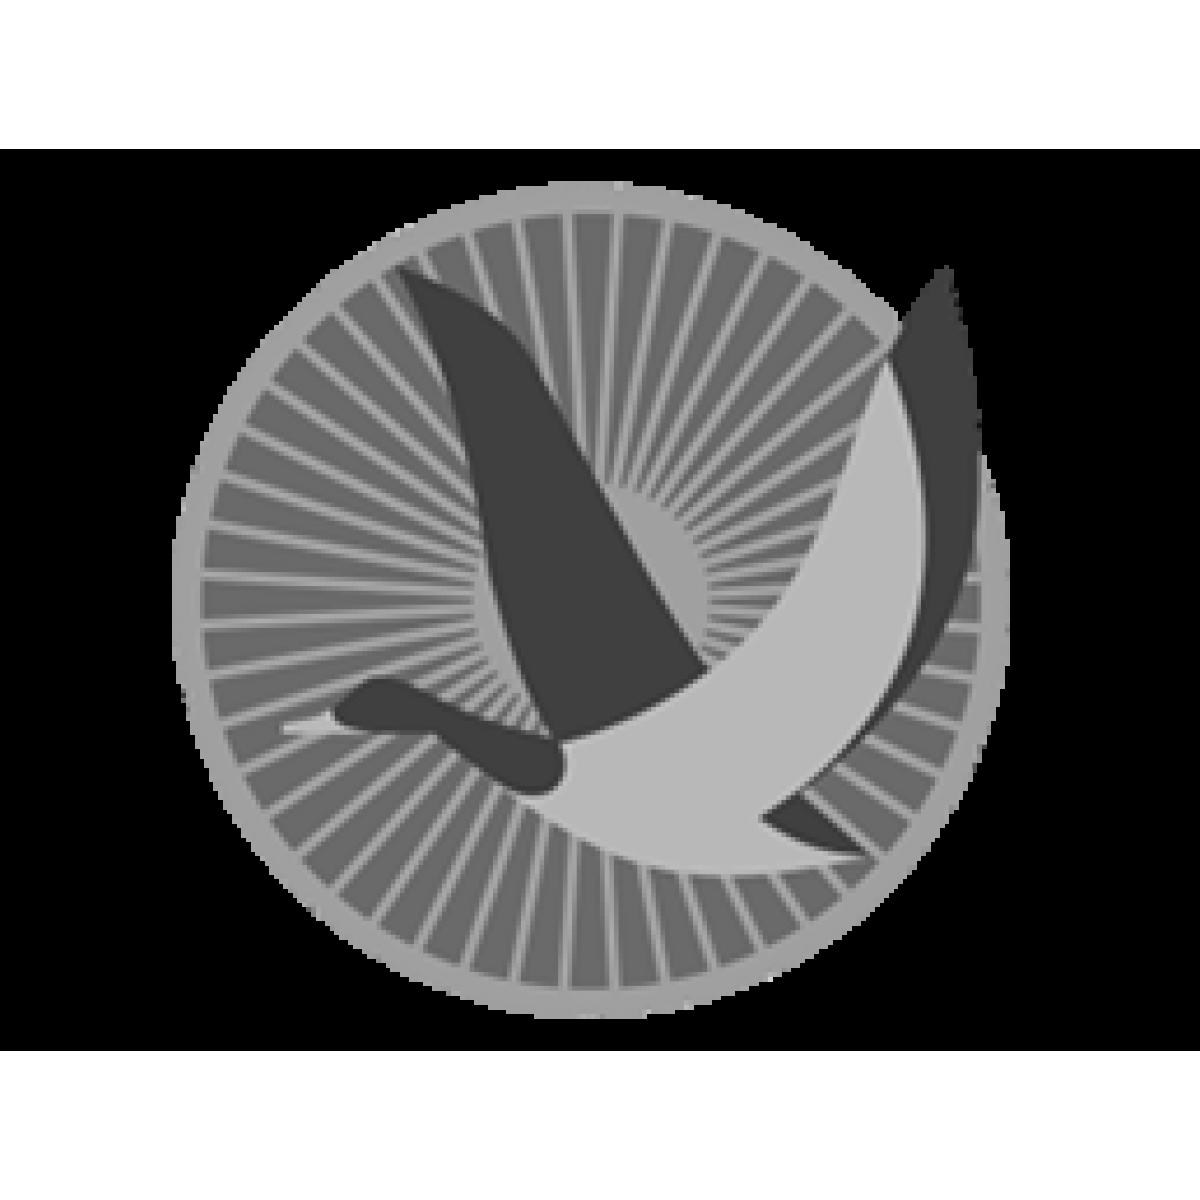 ПОЯСНАЯ КОБУРА ИЗ НАТУРАЛЬНОЙ КОЖИ С ОРИГИНАЛЬНОЙ ШЛЕВКОЙ ДЛЯ «ТТ» (14-21)